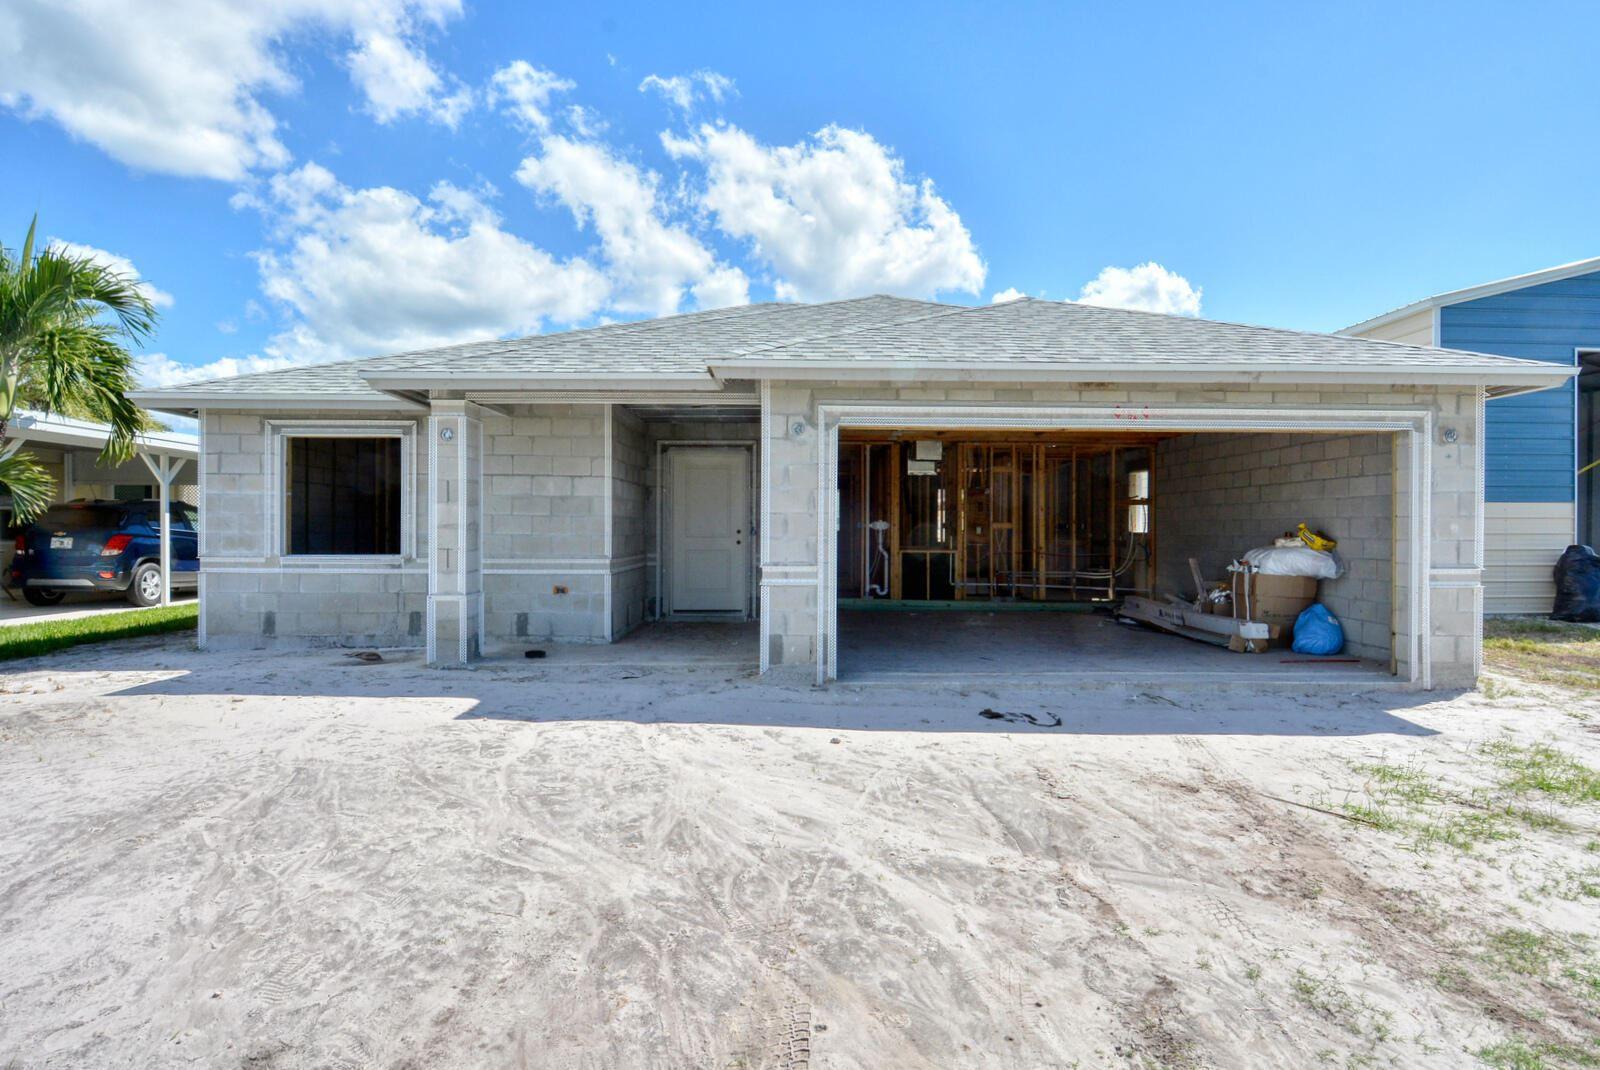 4310 SW 10 Th Avenue, Okeechobee, FL 34974 - #: RX-10697952